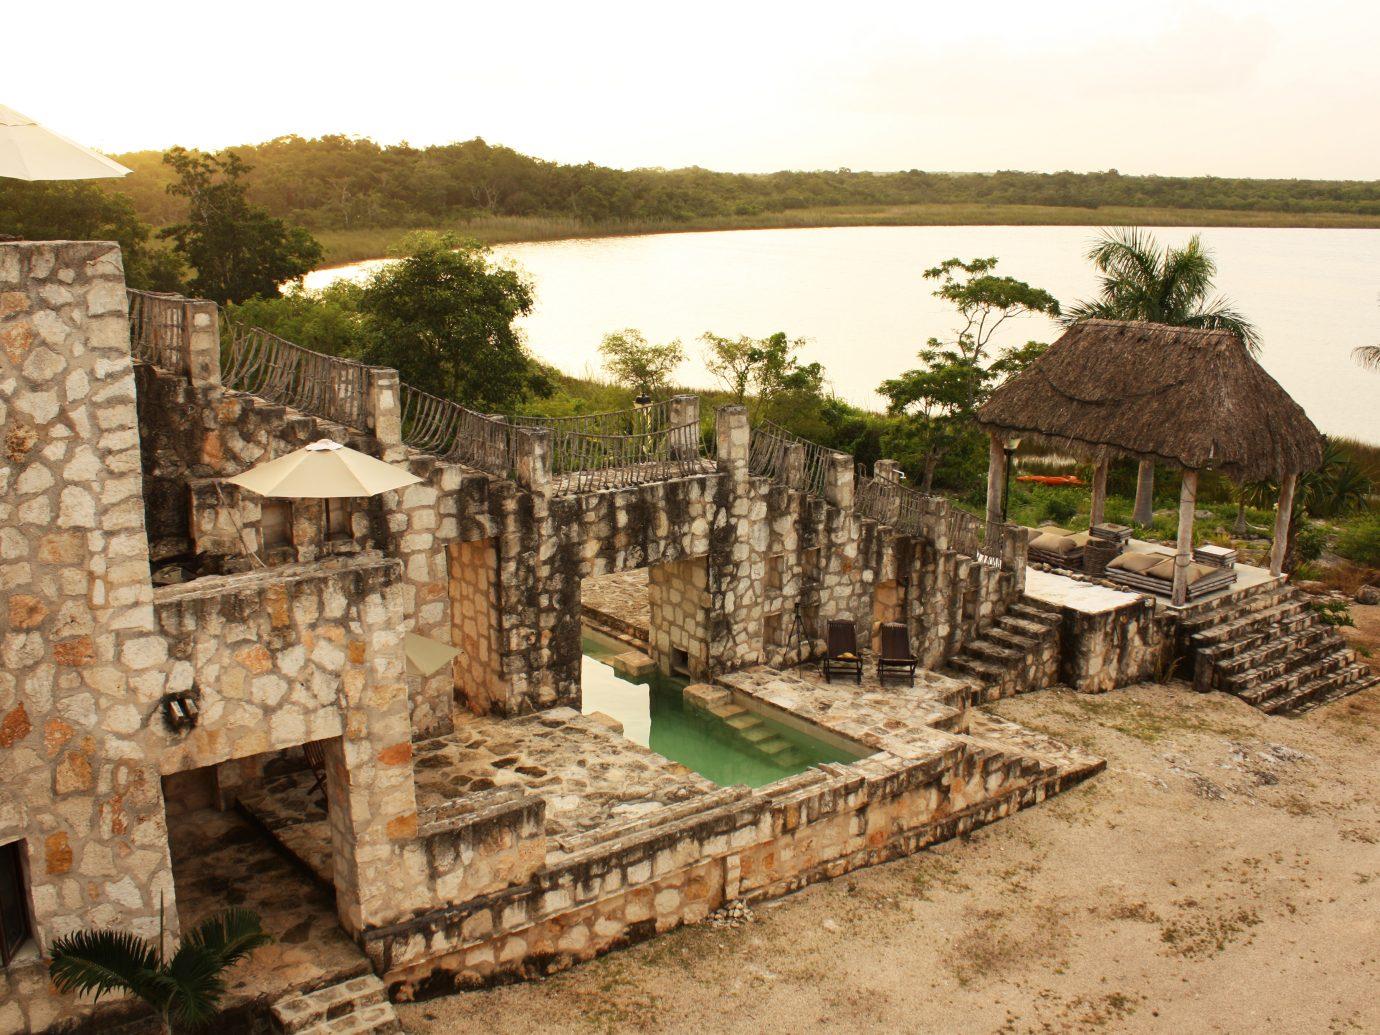 Exterior of Coqui Coqui, Merida